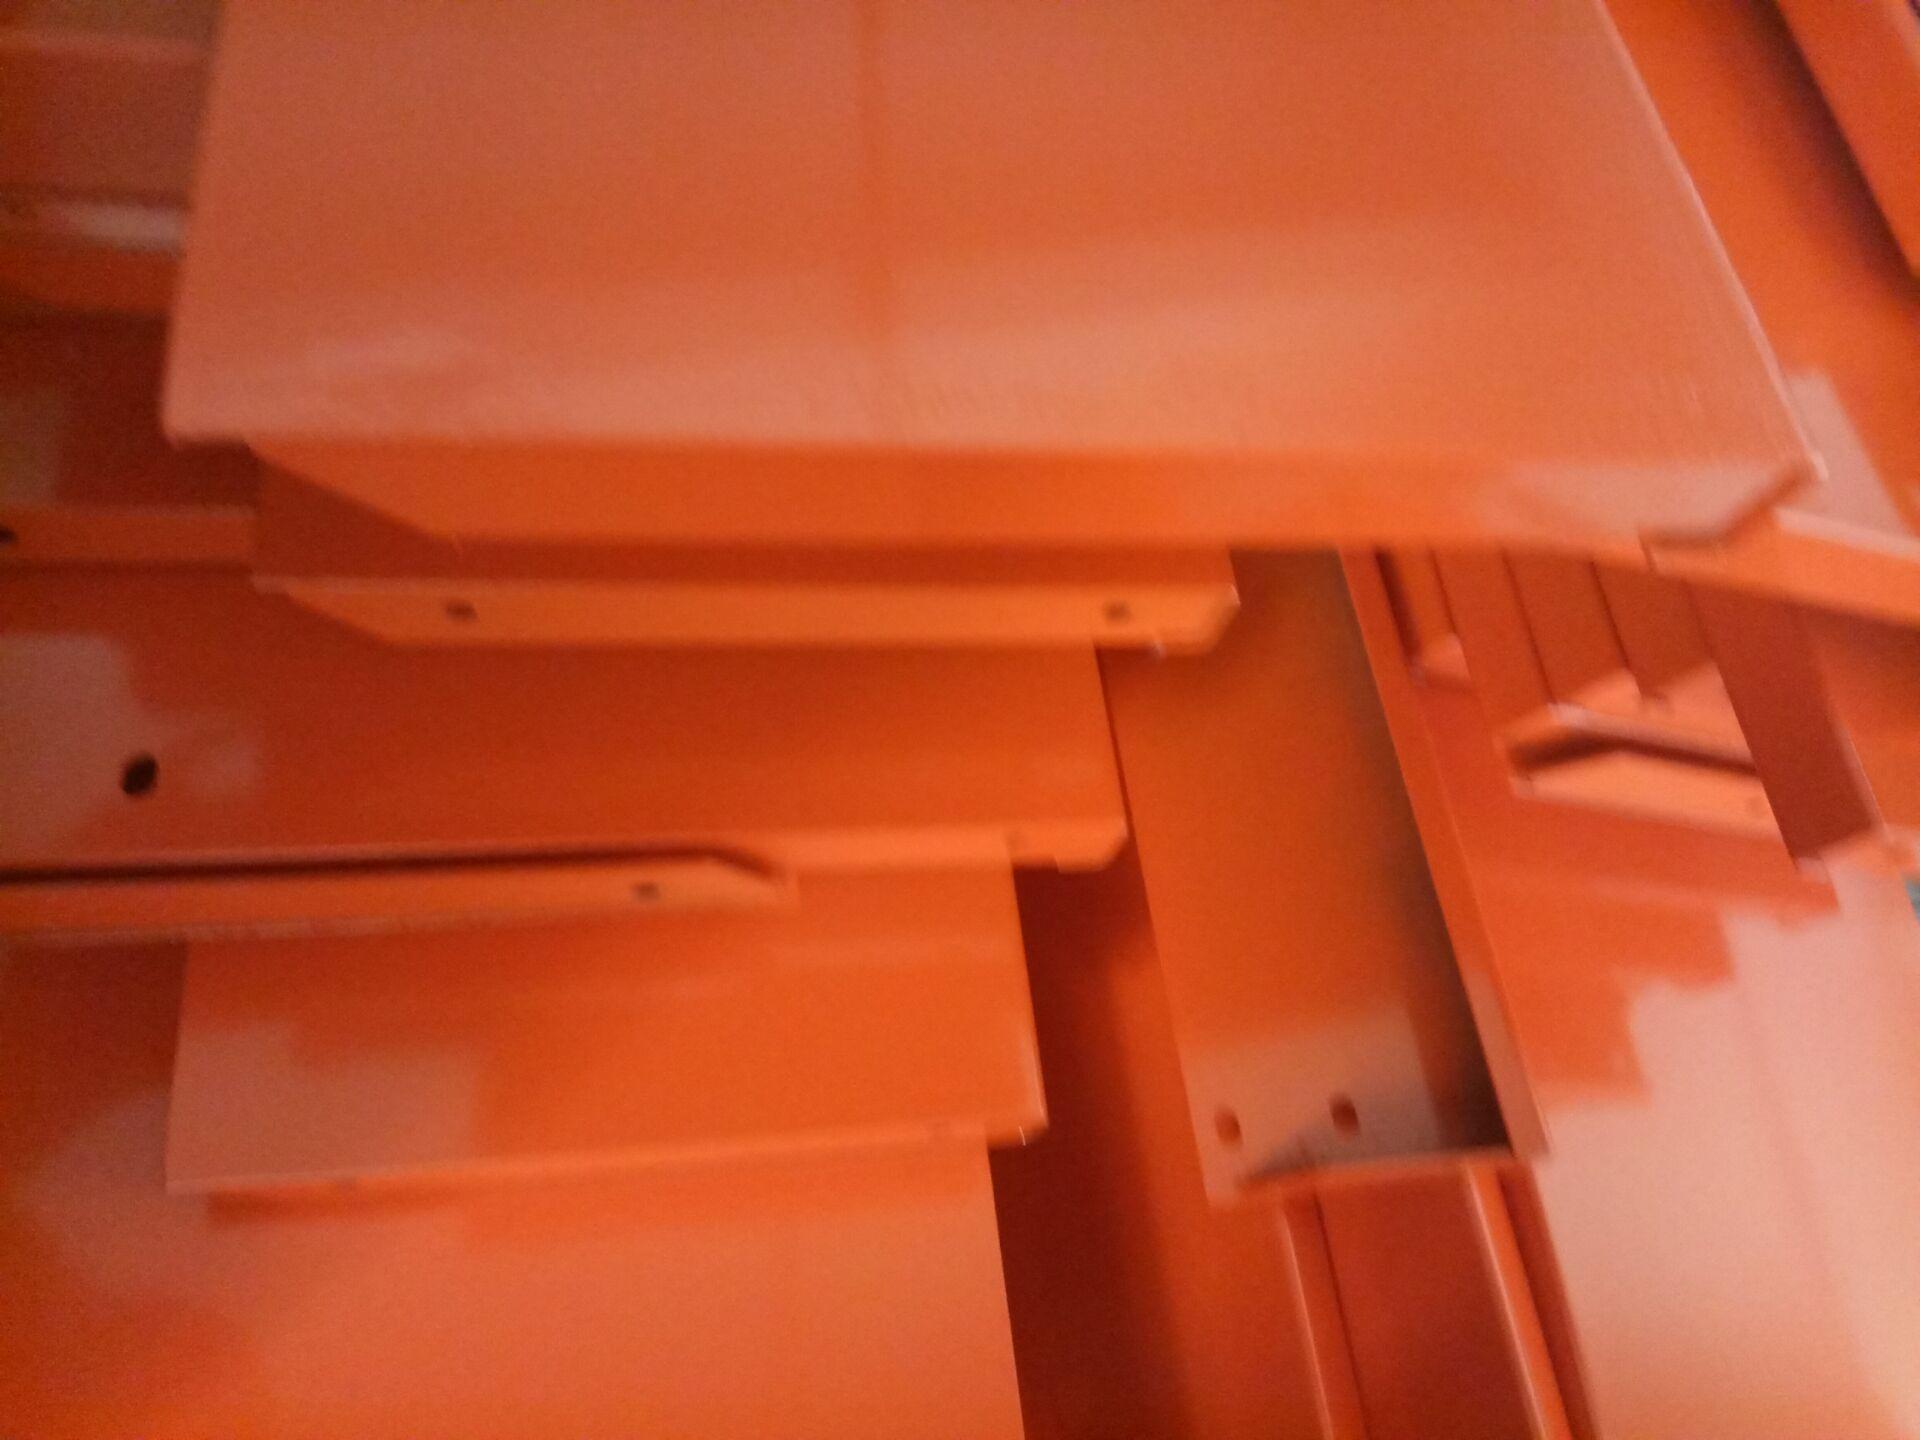 深圳宝安新安湖五金喷粉喷油厂价位 五金喷涂烤漆加工哪家好